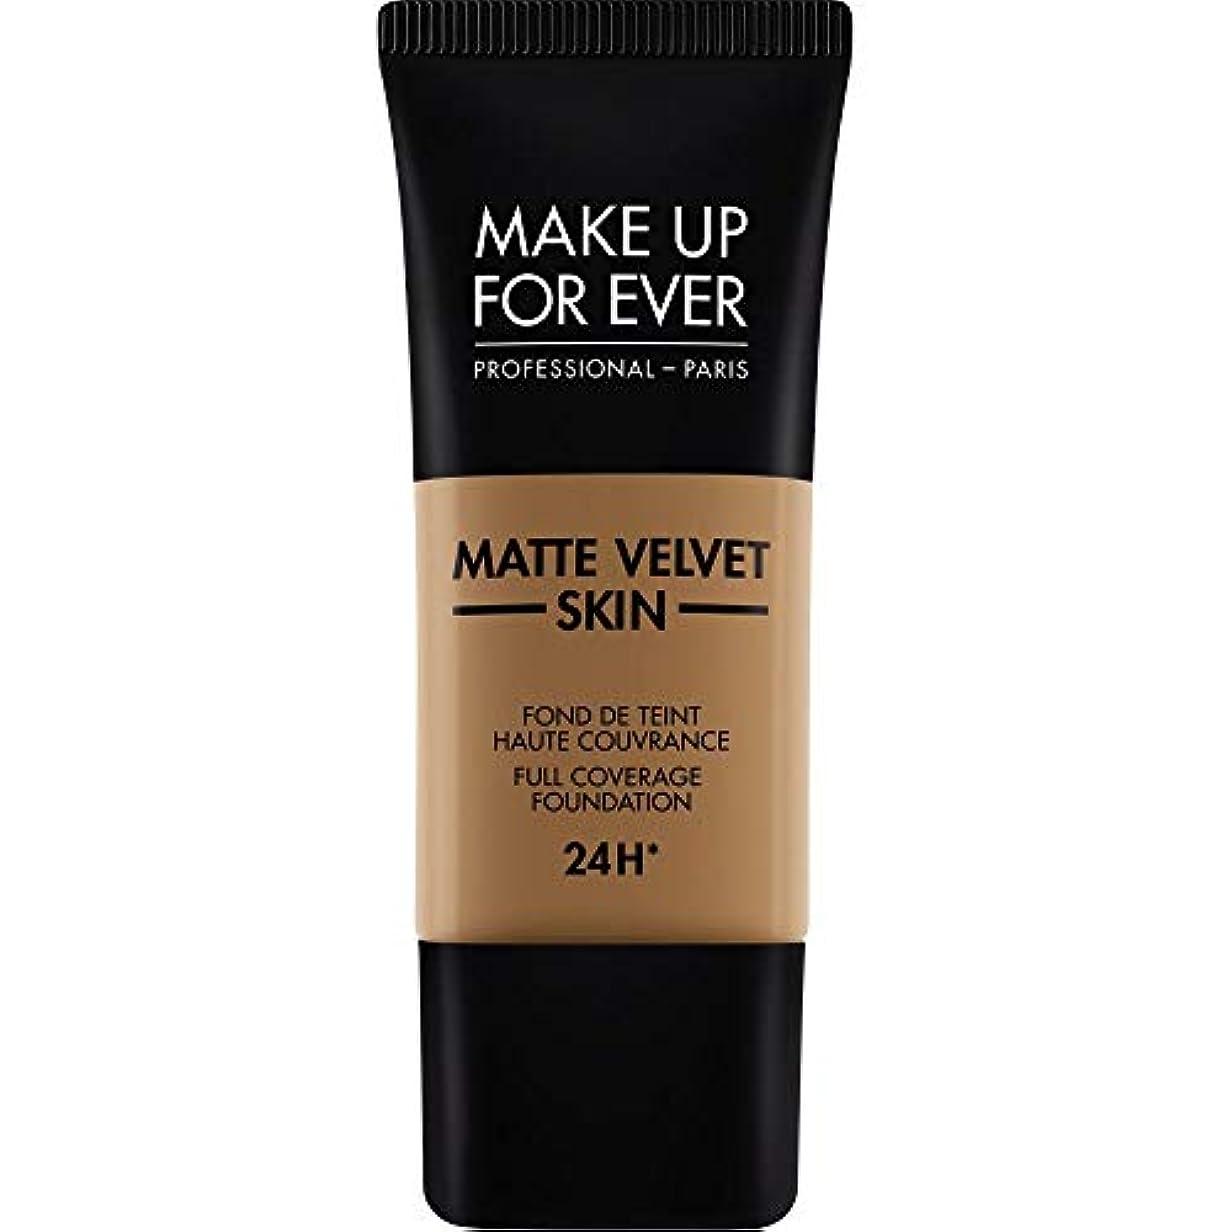 ナットオンスどんよりした[MAKE UP FOR EVER ] これまでマットベルベットの皮膚のフルカバレッジ基礎30ミリリットルのY505を補う - コニャック - MAKE UP FOR EVER Matte Velvet Skin Full...